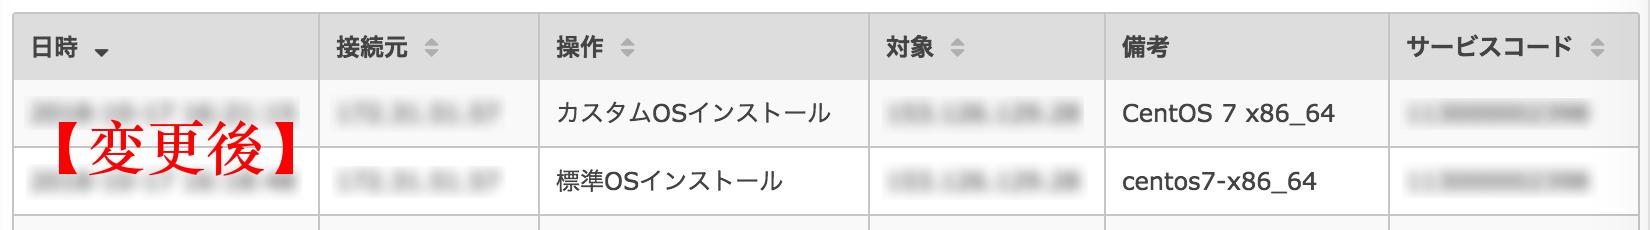 VPSコントロールパネルの「操作履歴」における「OSインストール」の表示名を変更しました